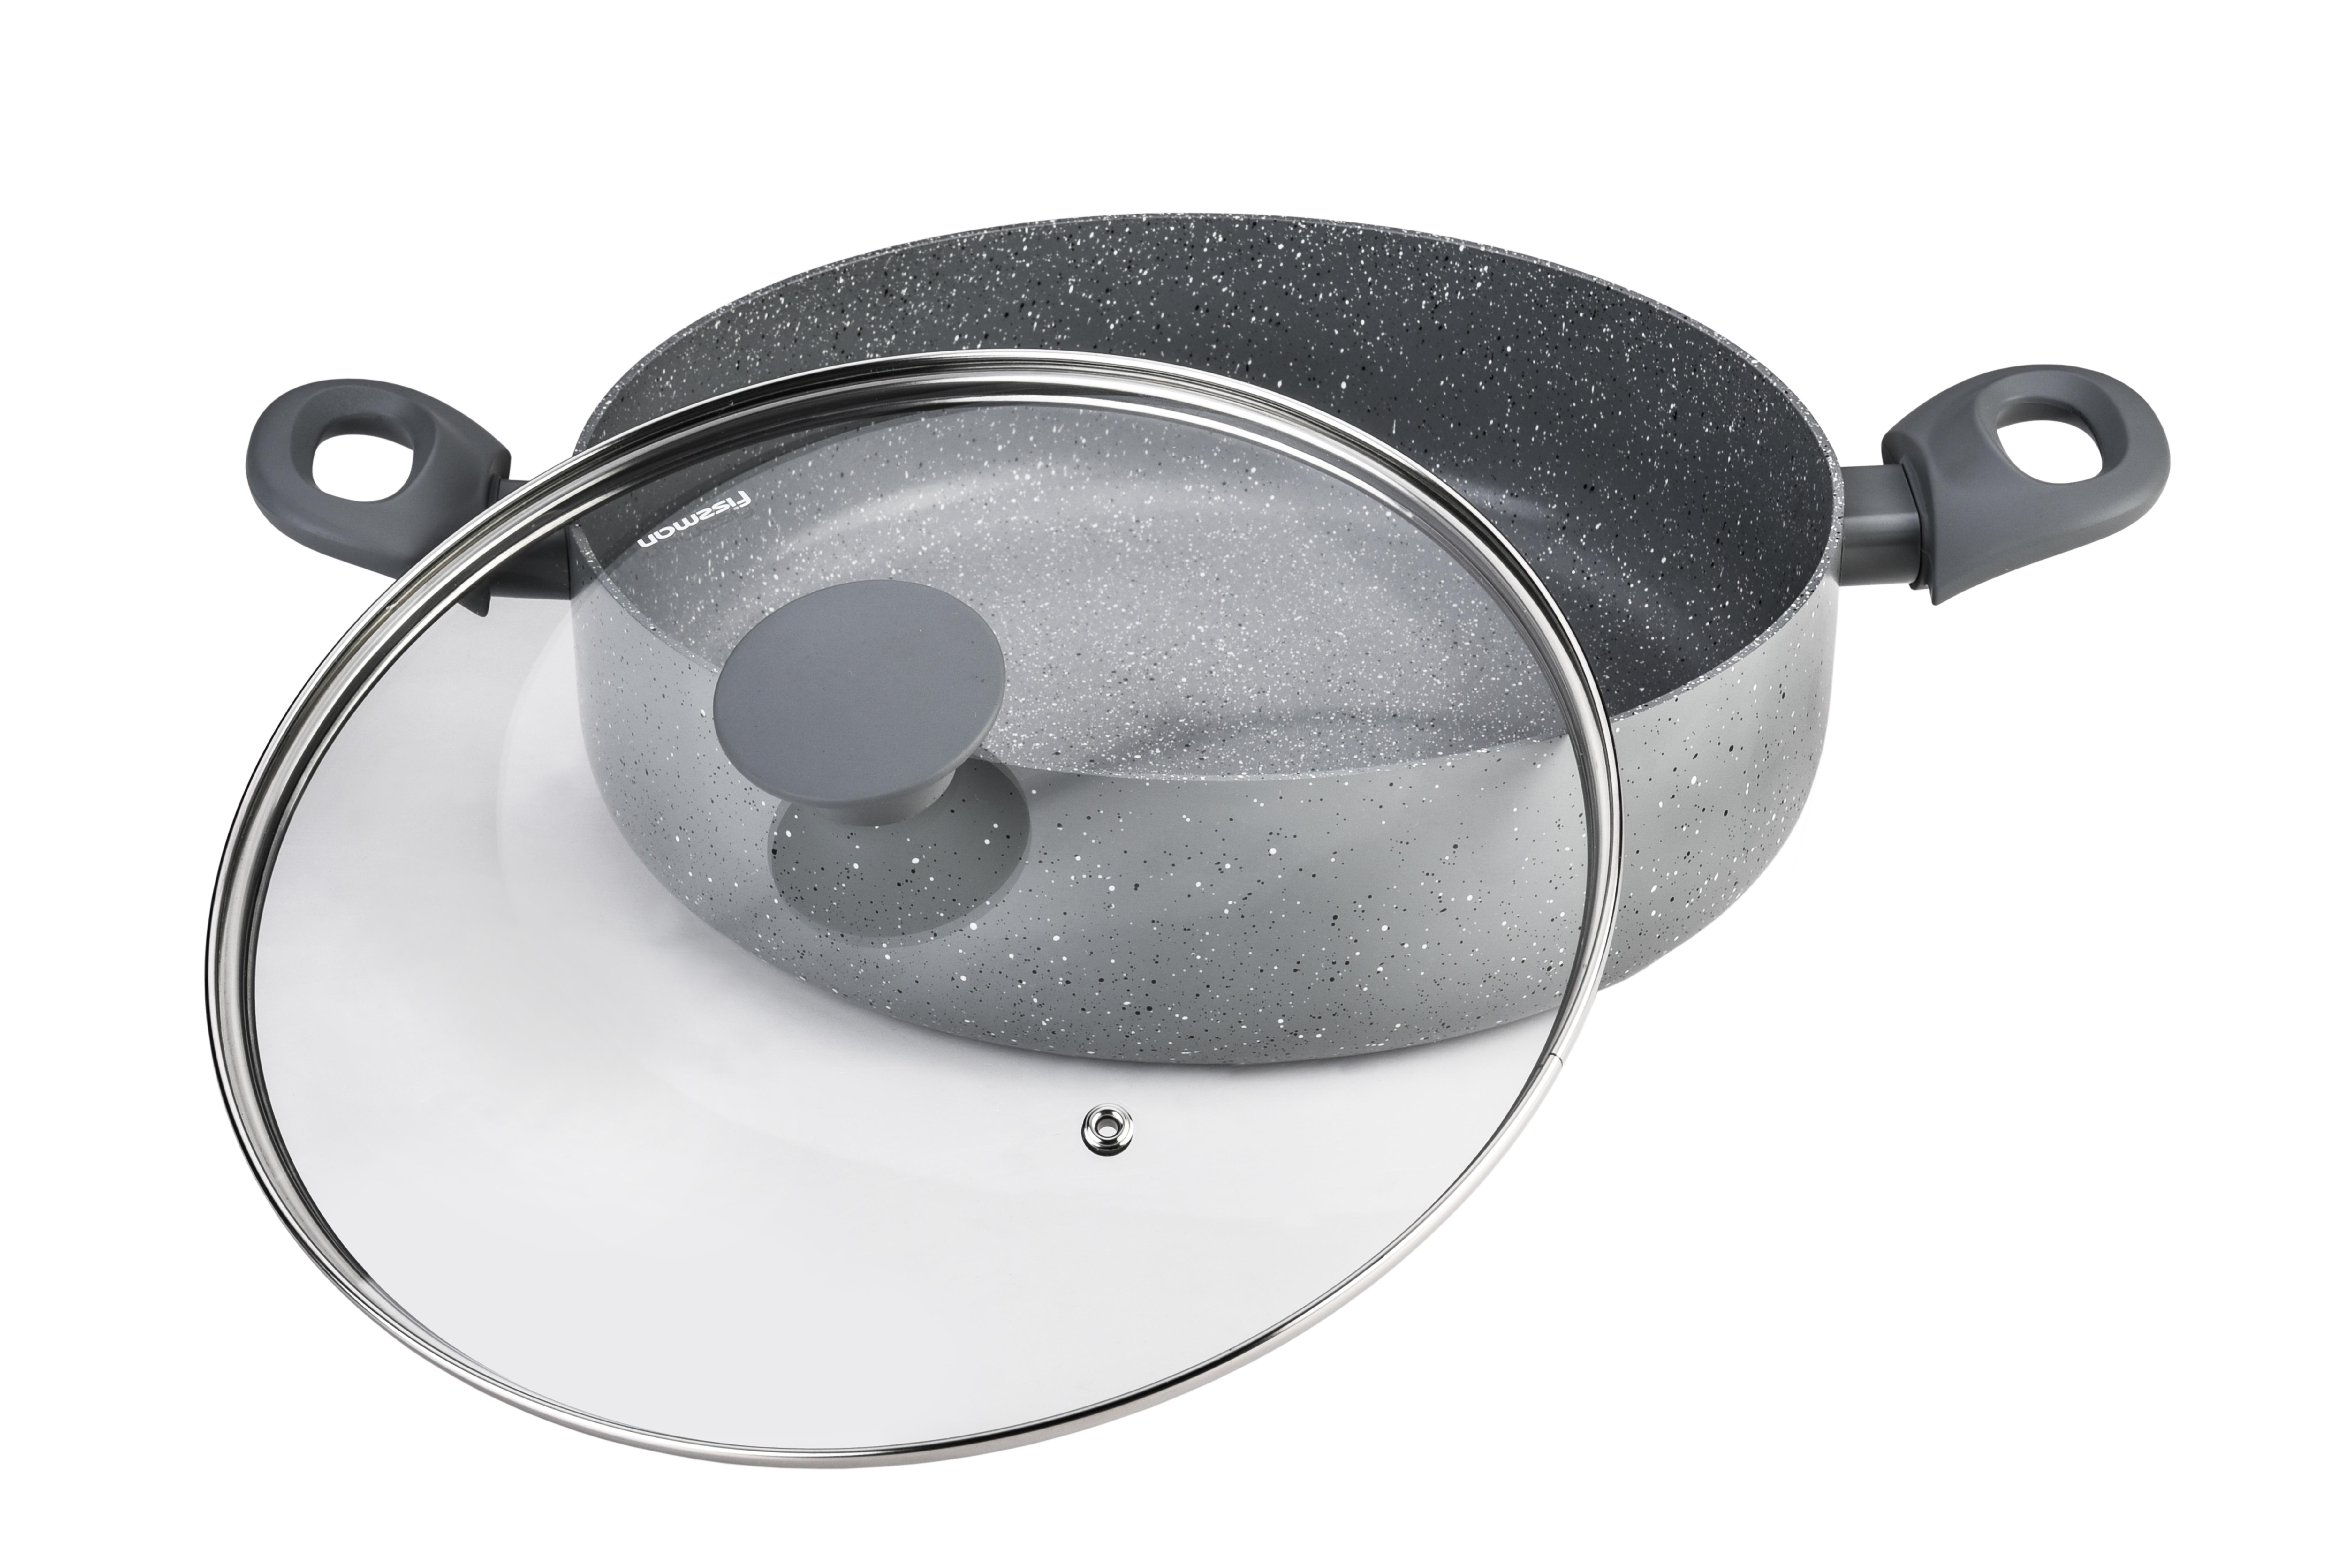 Сотейник Fissman Garda с крышкой, с антипригарным покрытием. Диаметр 24 смAL-4471.241 слой улучшает сцепление покрытия с металлом, 2 слой – грунтовый, 3 слой - высокопрочное антипригарное покрытие, усиленное натуральной каменной крошкой на основе минеральных компонентов, 4 дополнительный антипригарный слой с керамическими частицами. Высота стенок: 6,5 см.